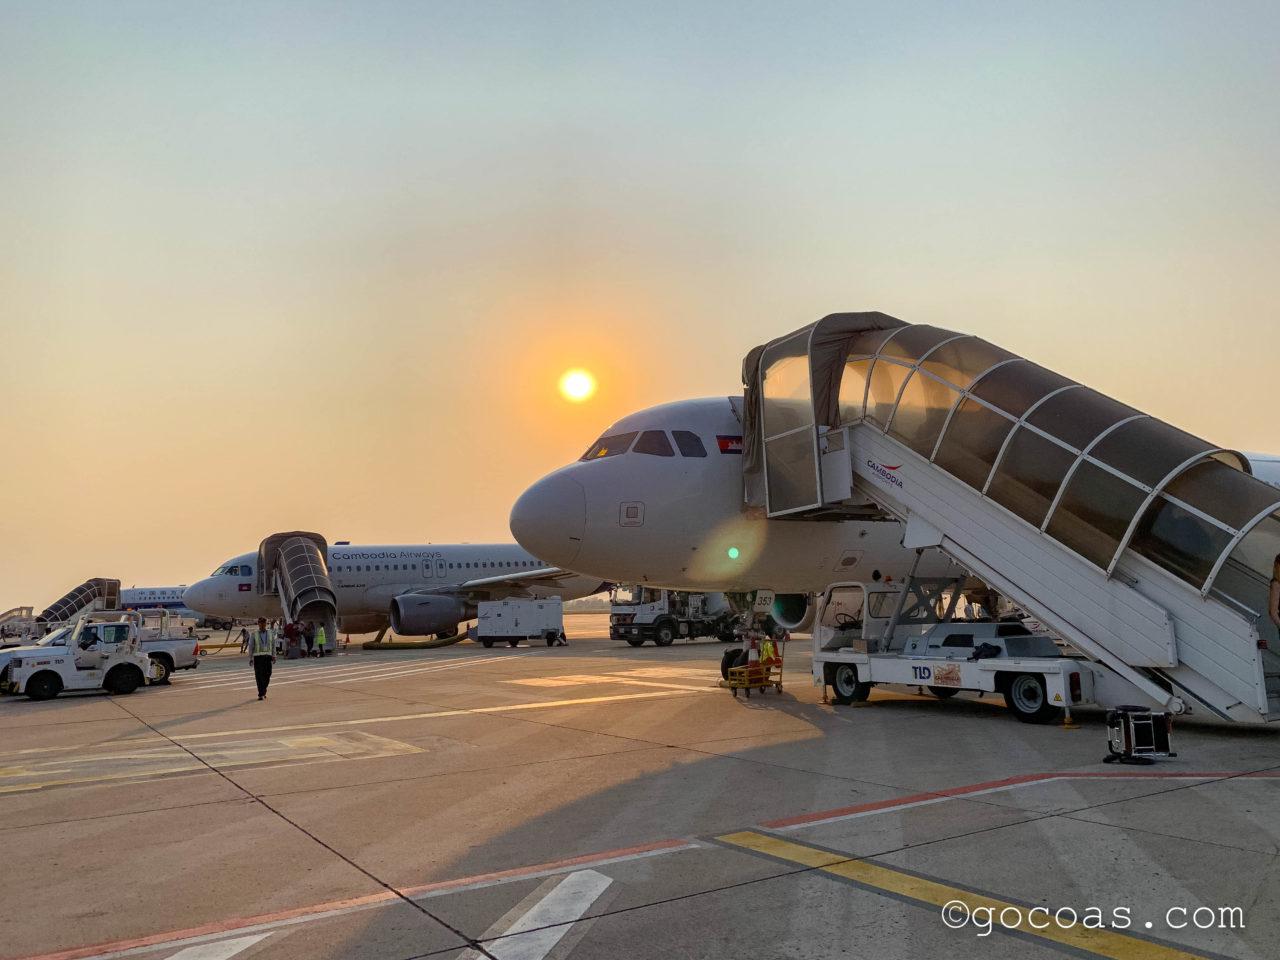 シェムリアップ国際空港国内線に到着した時に降りた飛行機と夕日